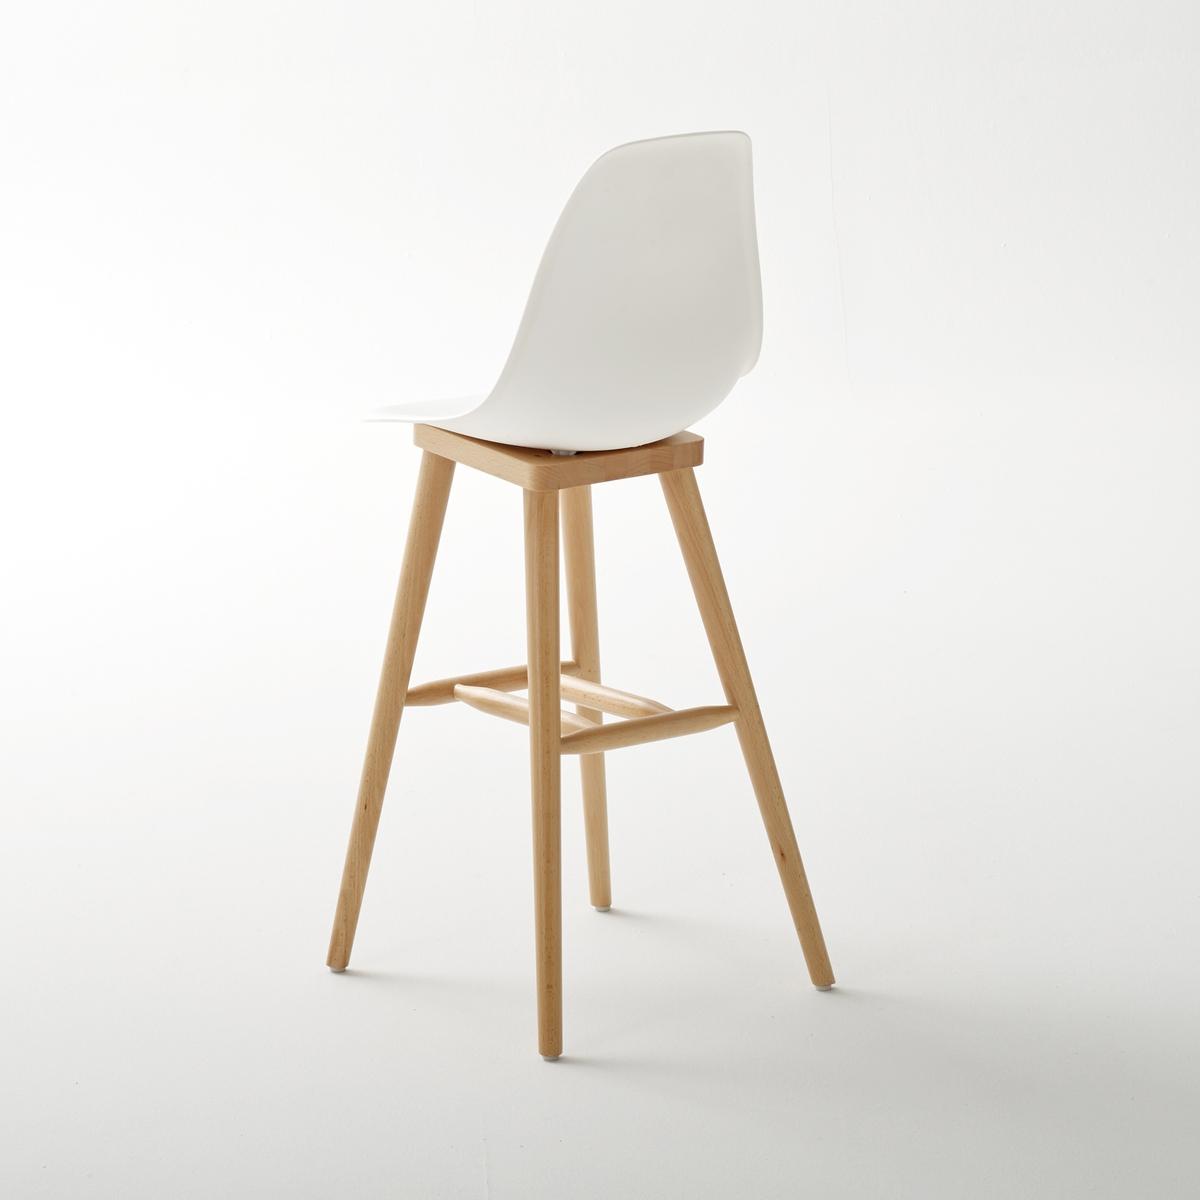 Стул высокий детский, Jimi столы и стулья хохлома стул детский с художественной росписью из массива